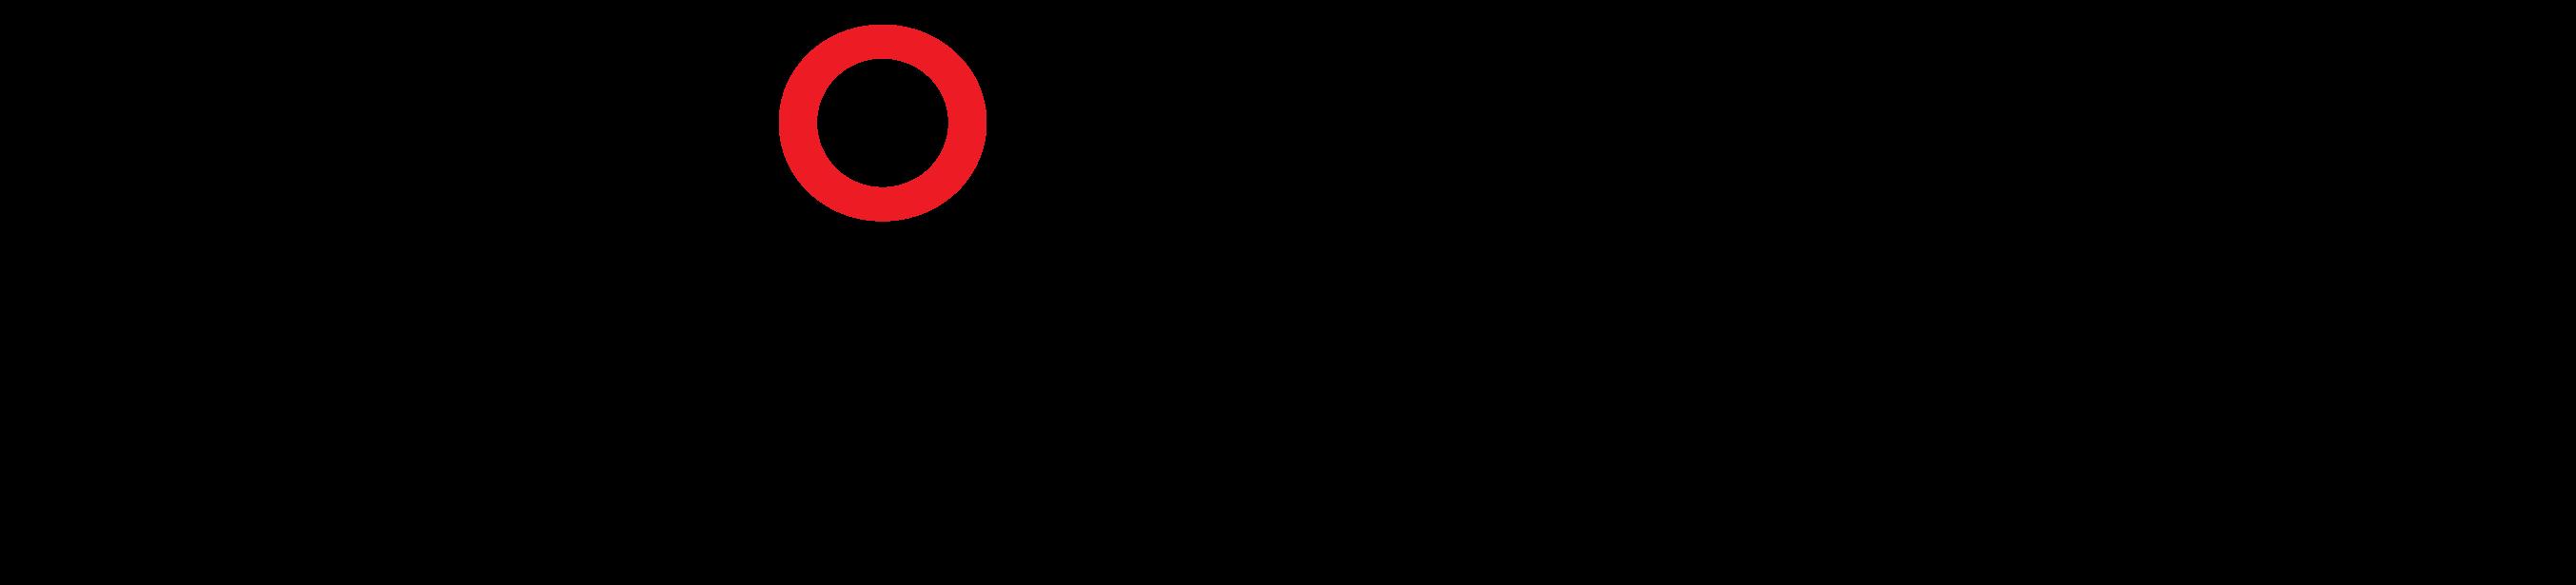 Hotspot Cities Project Logo